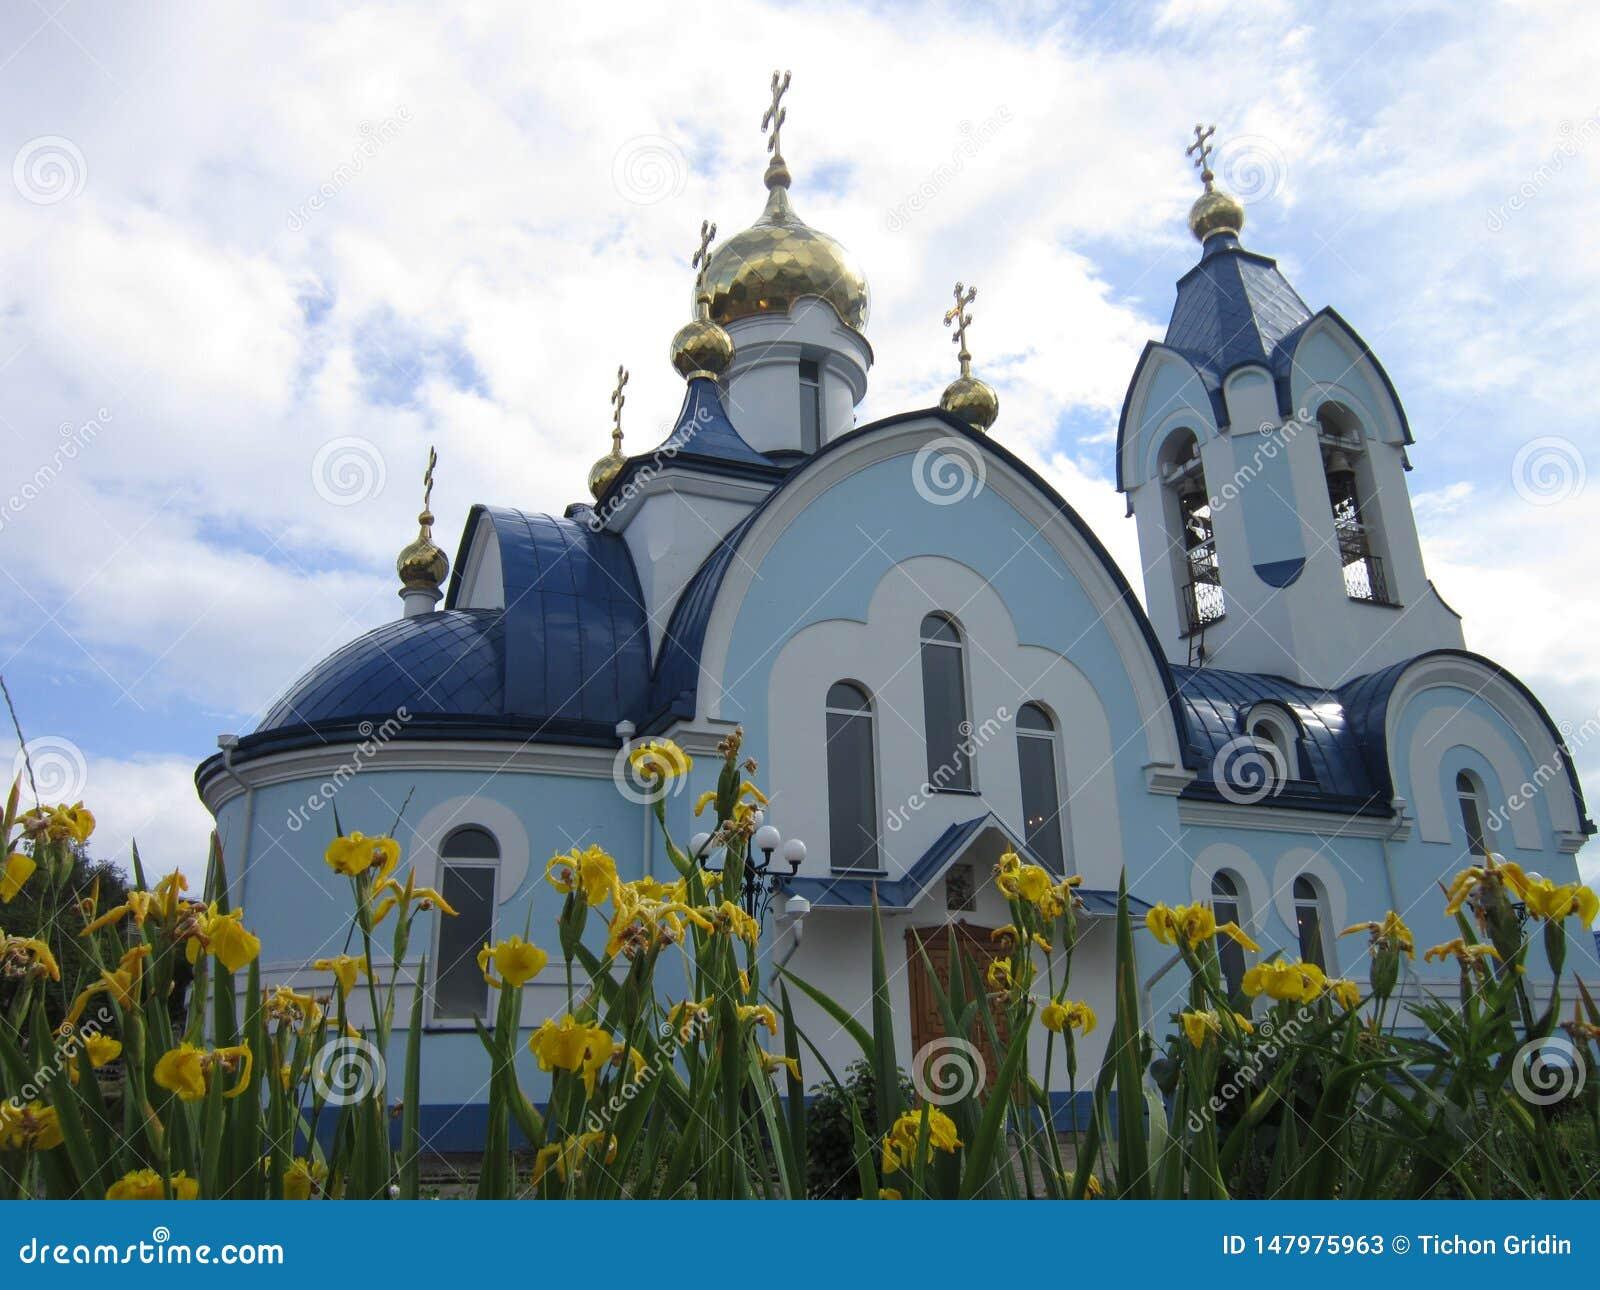 Błękitny kościół z Złotymi kopułami w mieście Sosnovoborsk w Krasnoyarsk Krai i kolor żółty kwitnie irysy w wiośnie